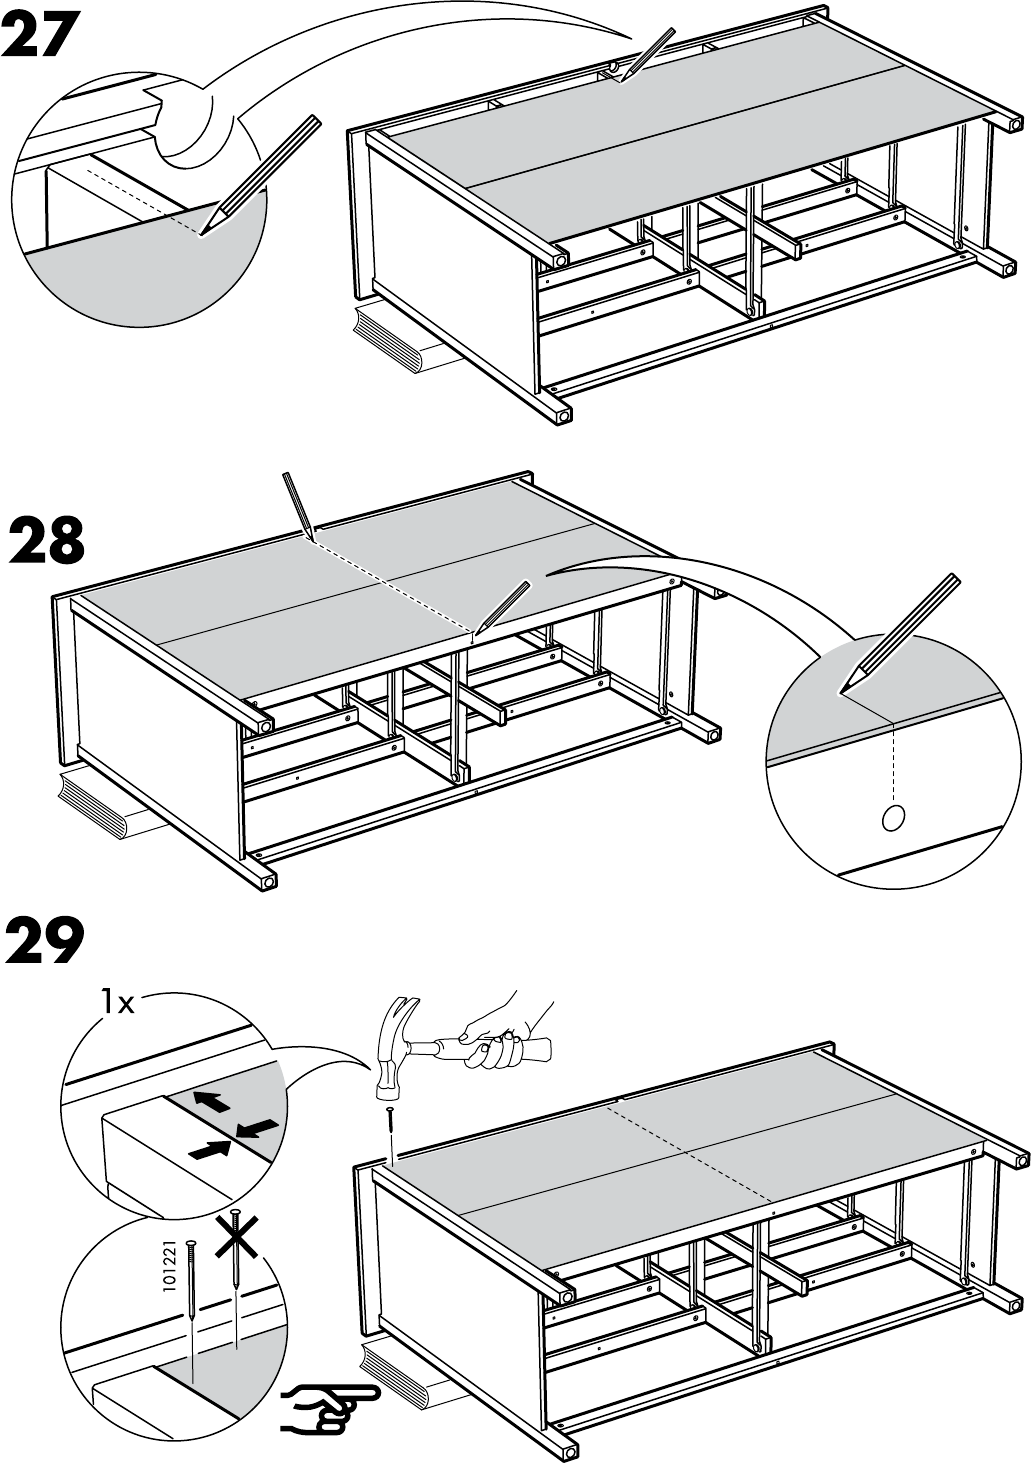 Ikea Ladekast 8 Lades.Handleiding Ikea Hemnes Ladekast 8 Lades Pagina 24 Van 32 Dansk